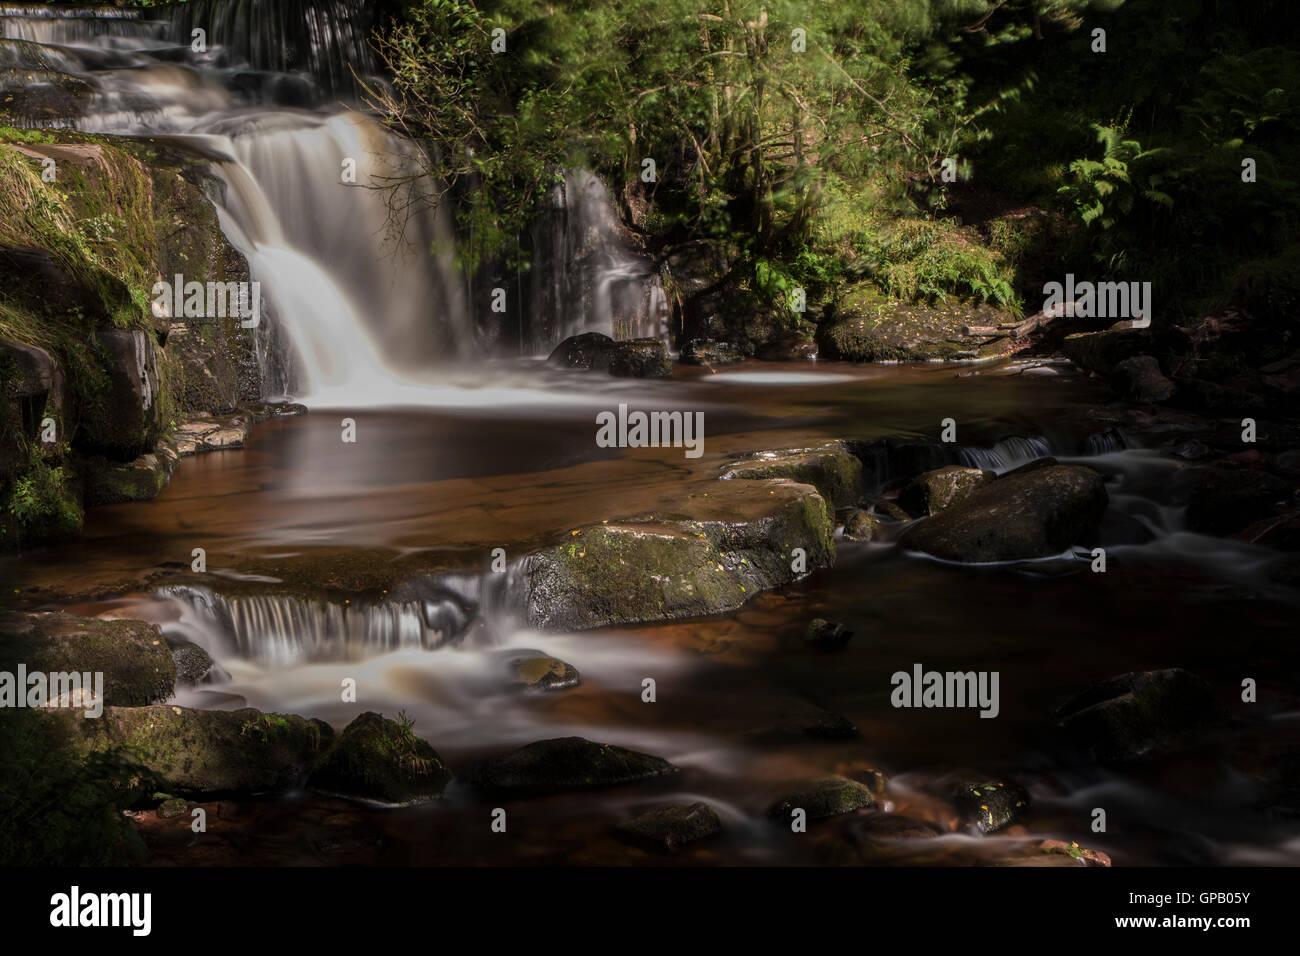 Blaen-Y-Glyn Waterfall - Stock Image